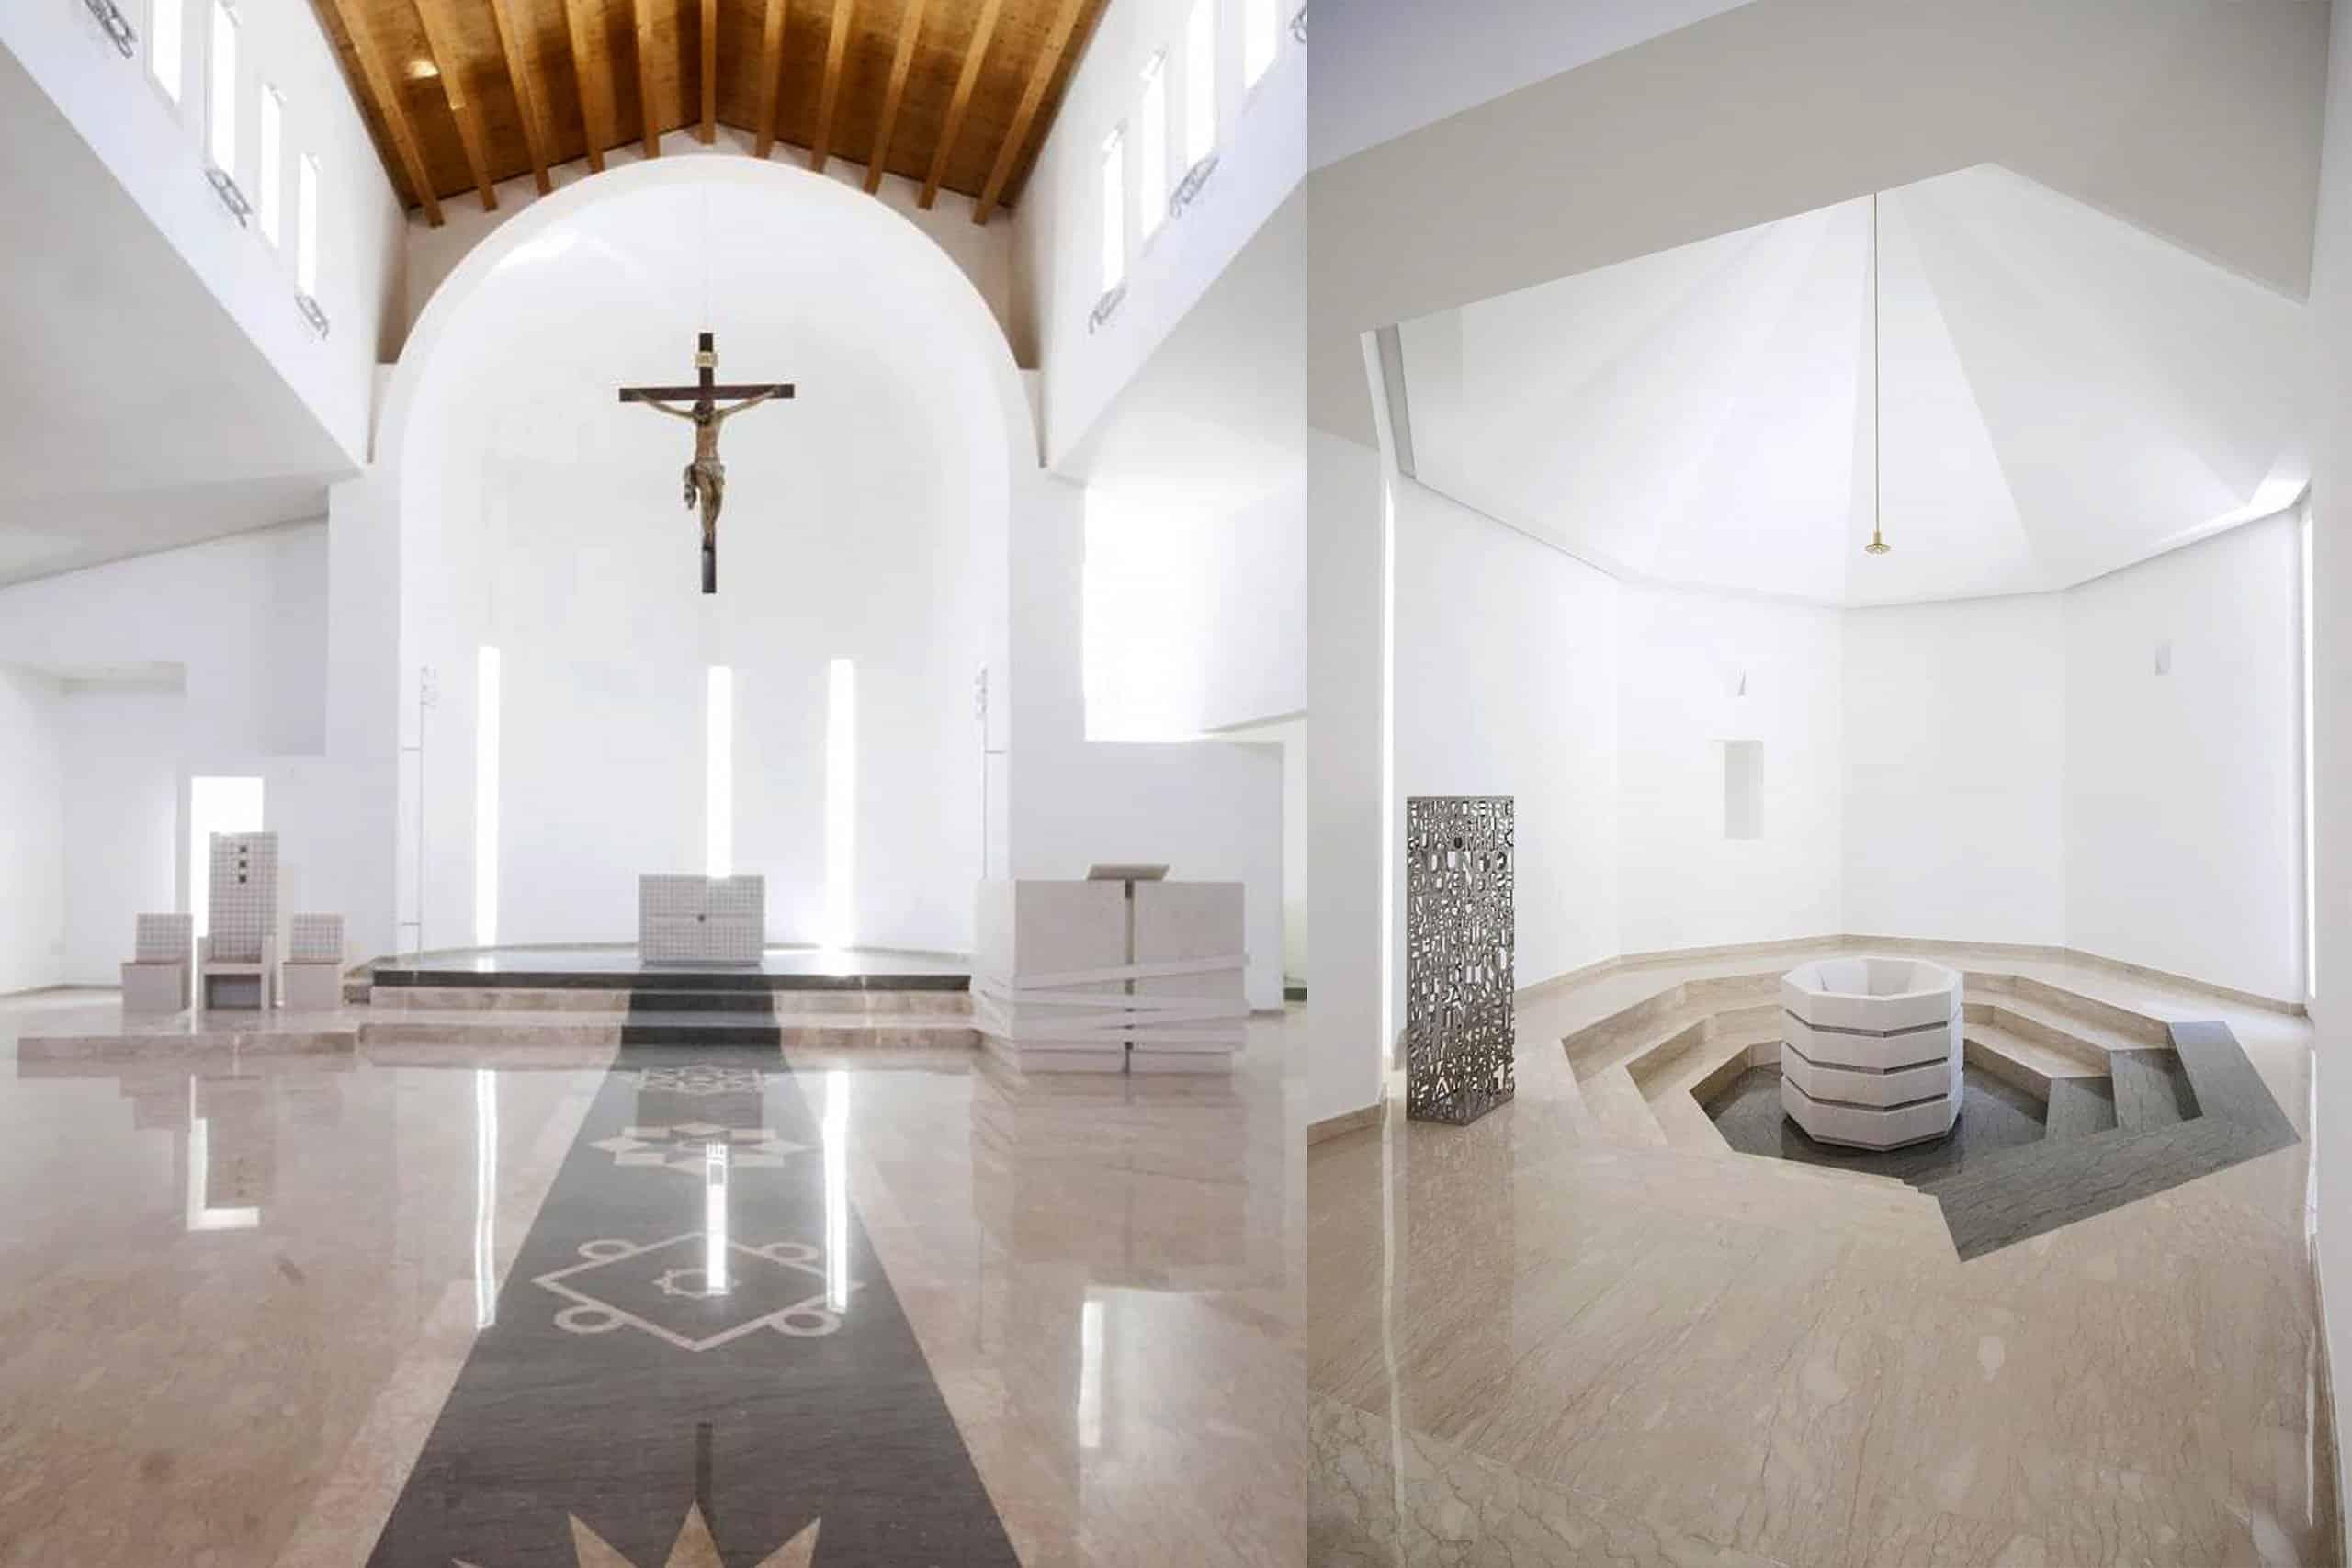 arredi sacri in marmo nella chiesa madonna di fatima